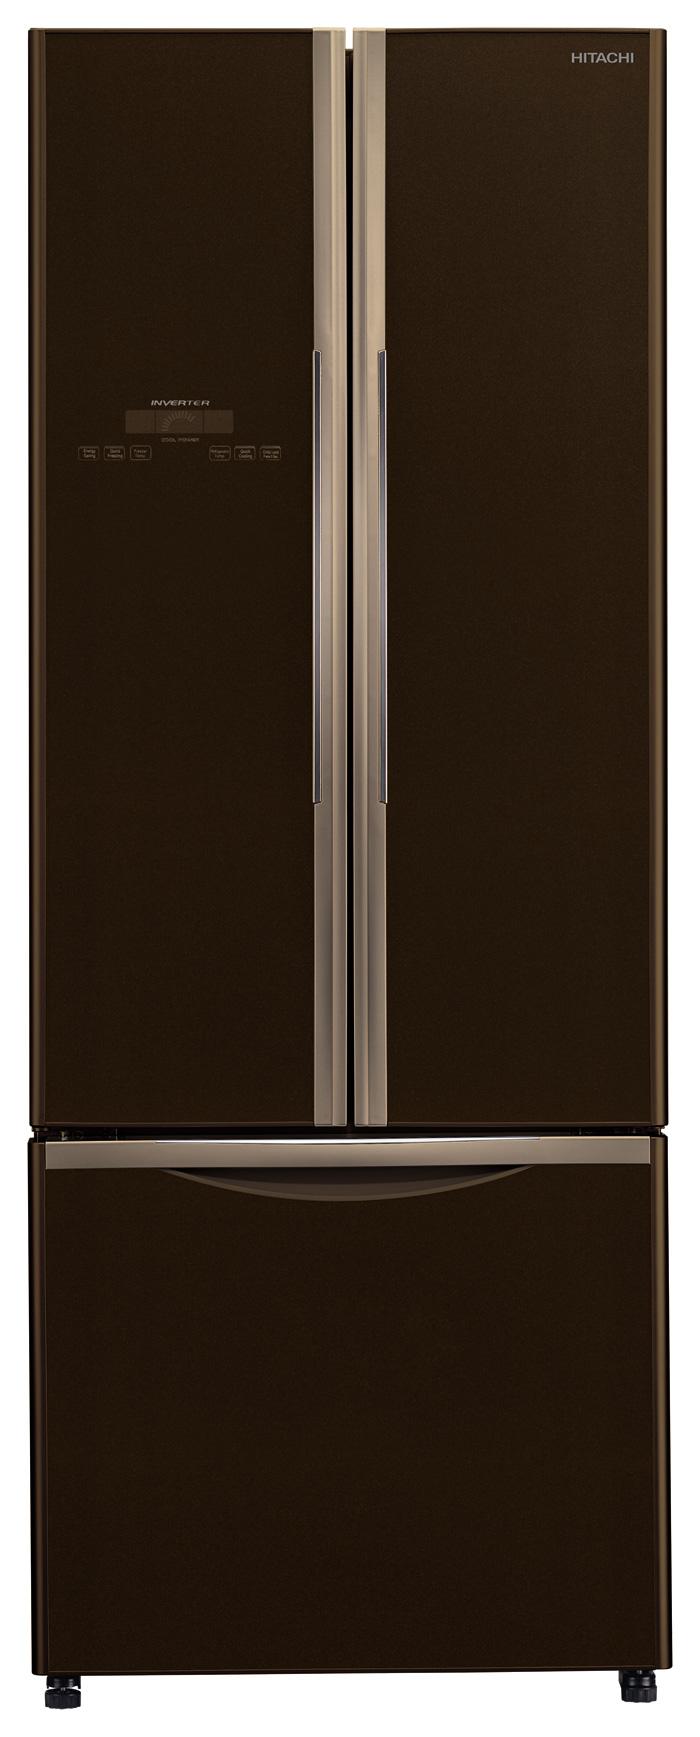 Refrigerator - 455L, 3 Doors, Brown      H-RWB550PG2GBW